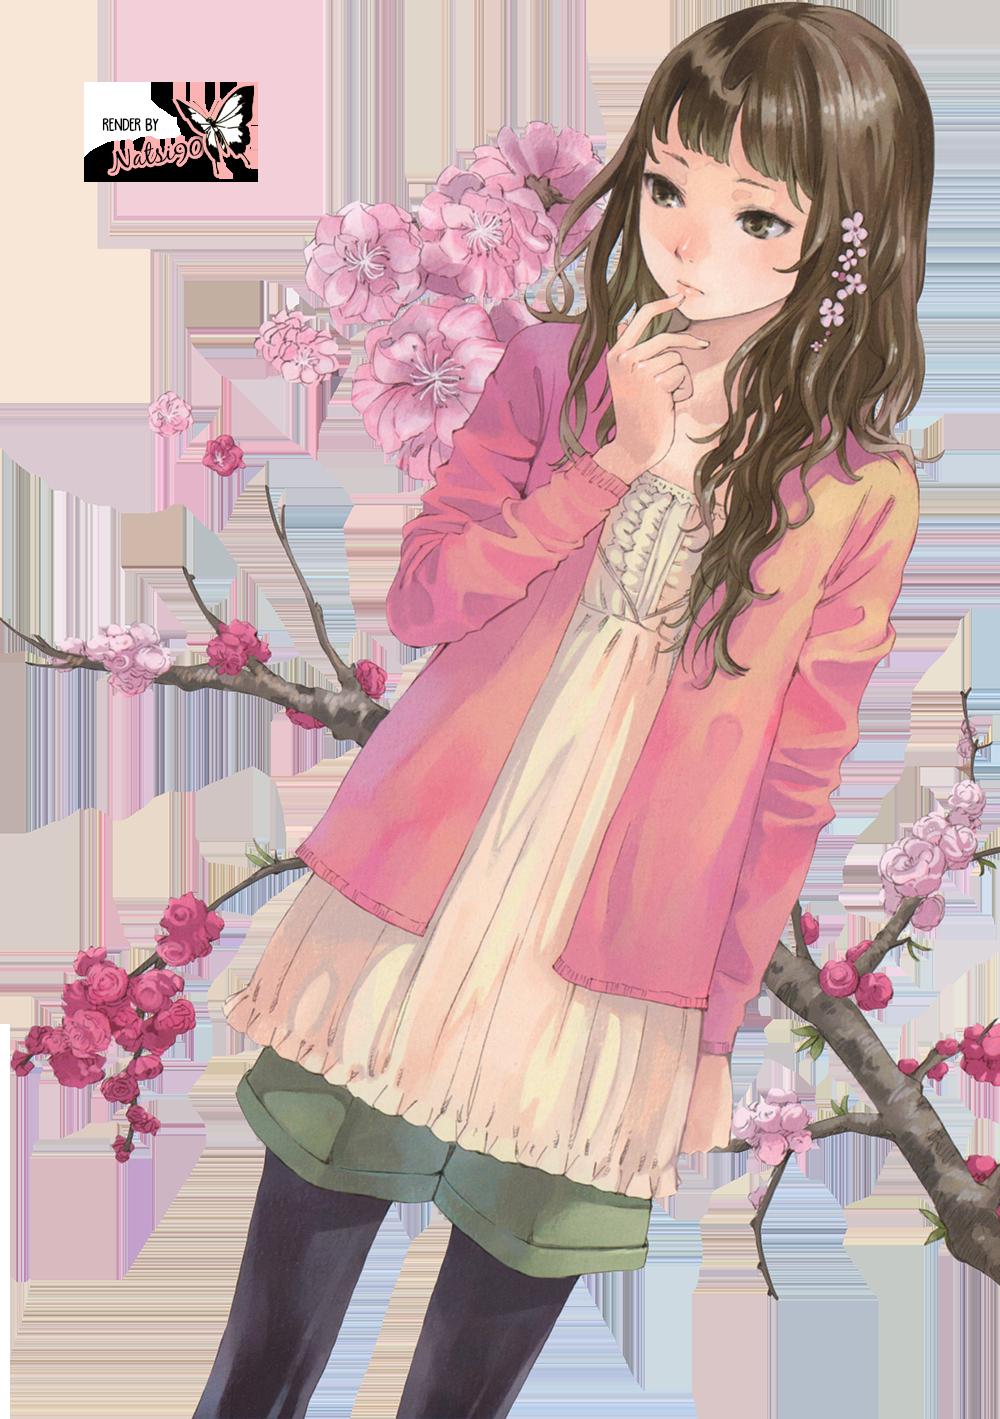 Anime Flower Girl By Natsi90 On Deviantart